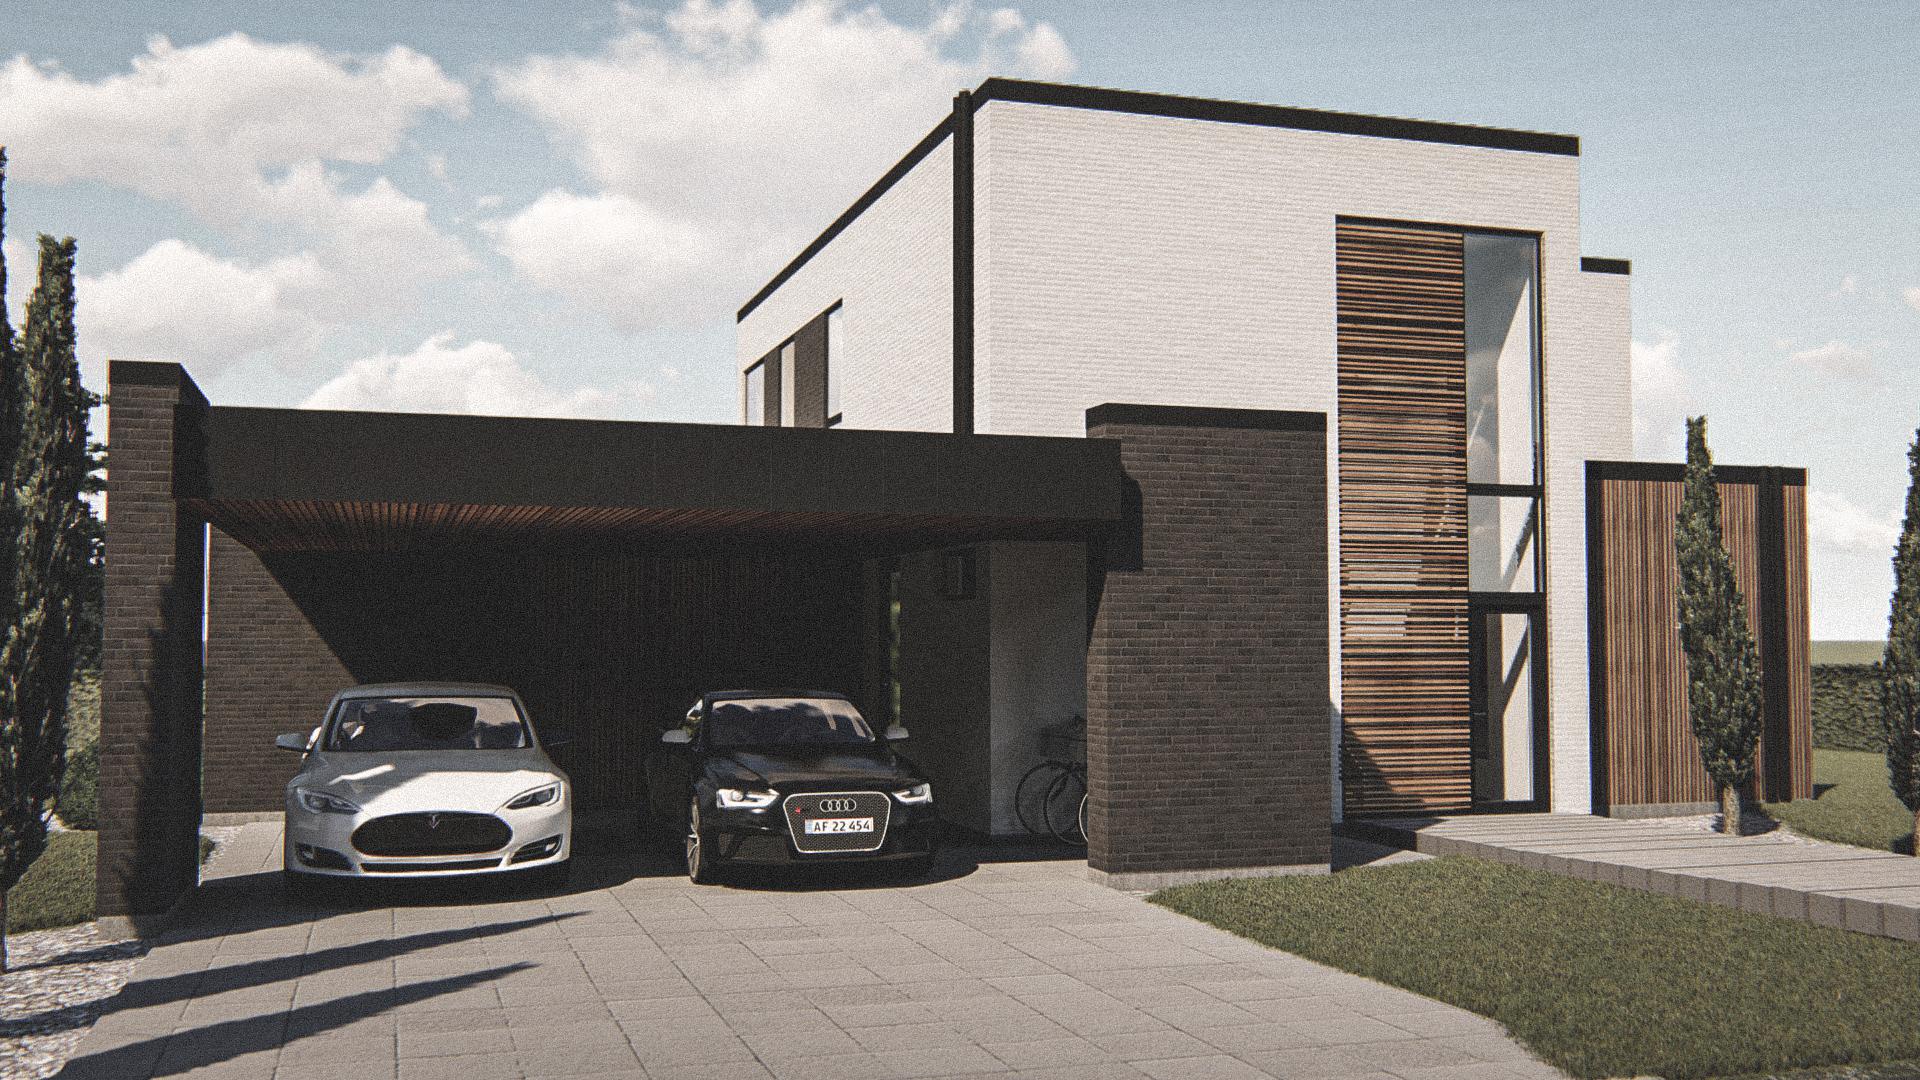 Billede af Dansk arkitekttegnet 2 plan villa af arkitektfirmaet m2plus, i Solbjerg på 191 kvartratmeter.